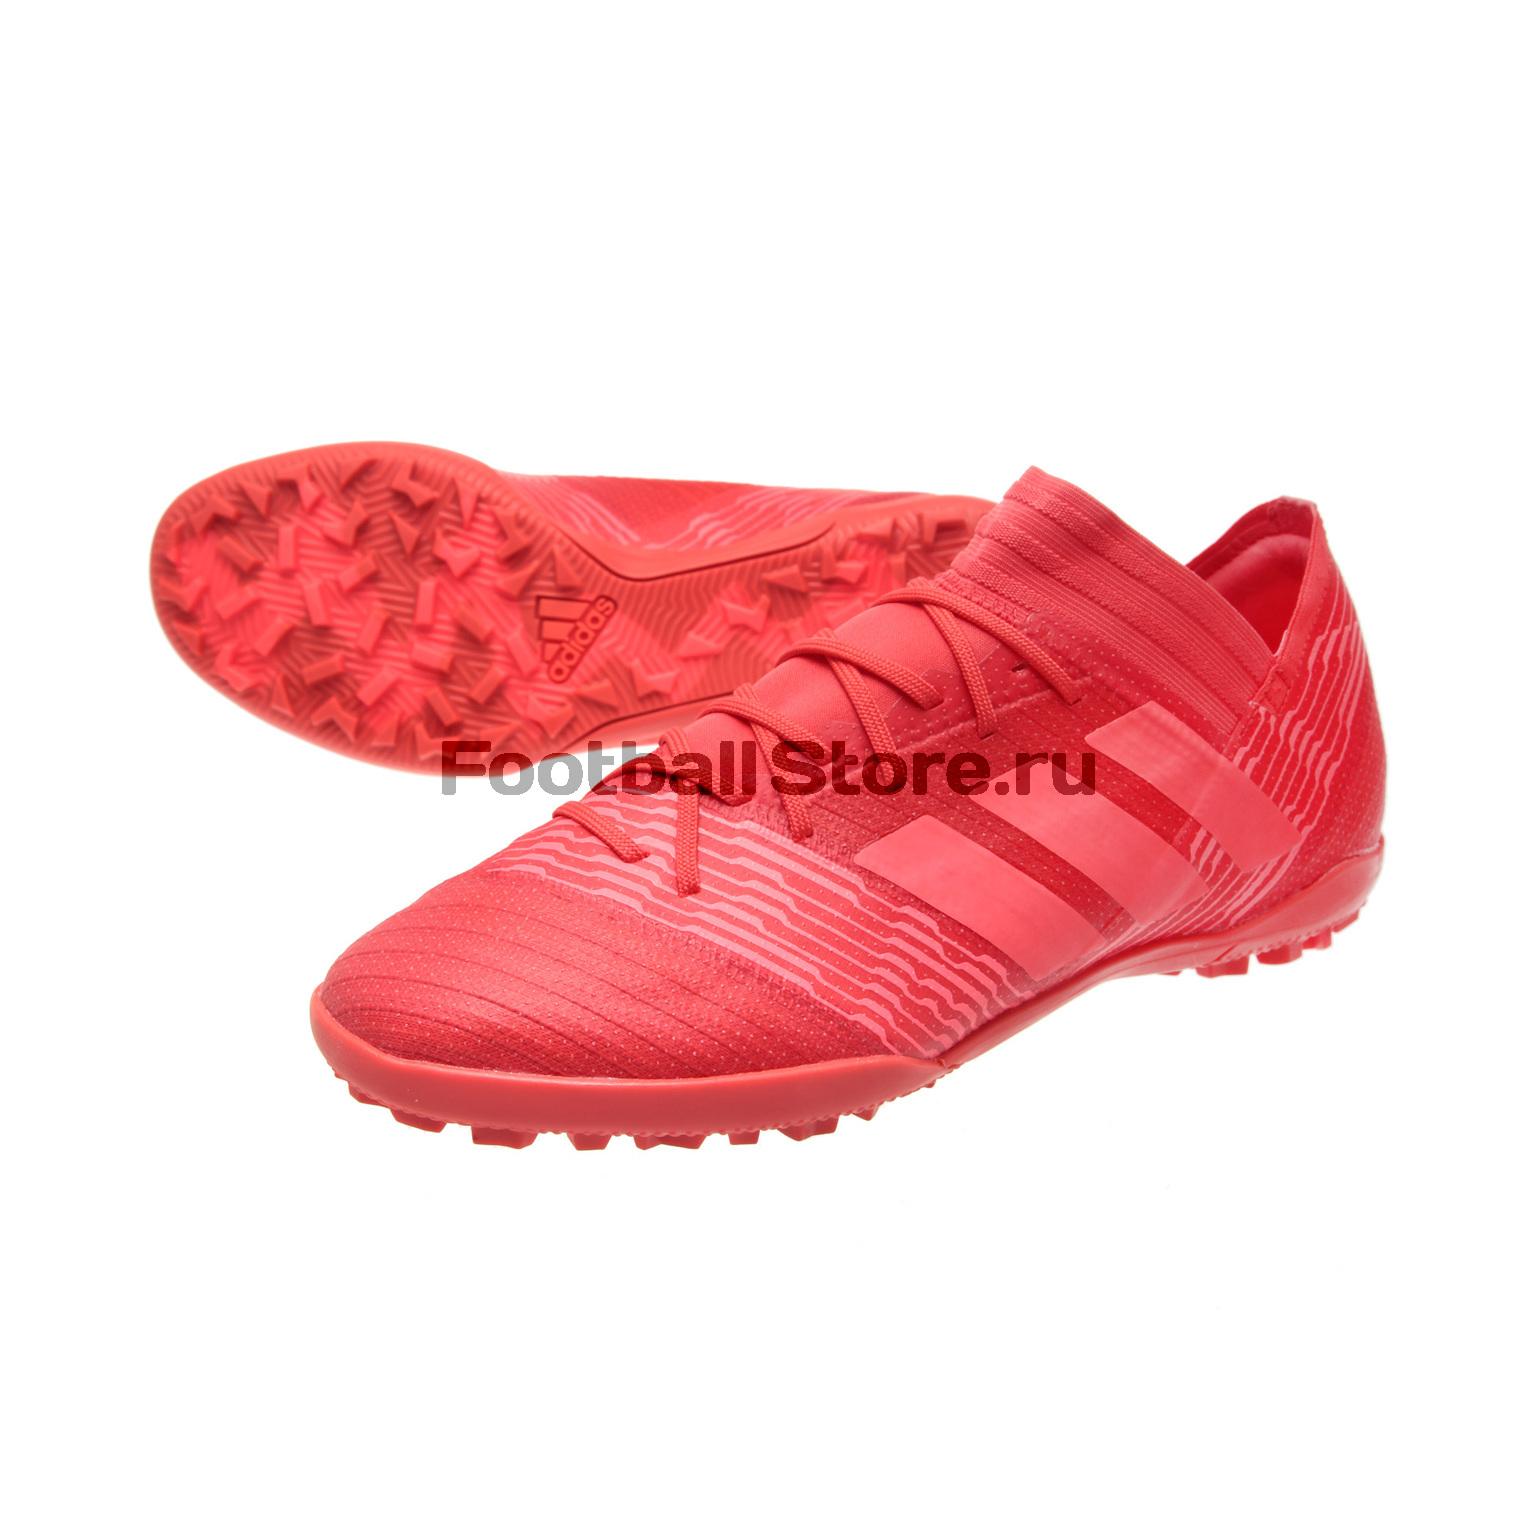 Шиповки Adidas Nemeziz Tango 17.3 TF CP9100 шиповки adidas nemeziz tango 18 3 tf da9622